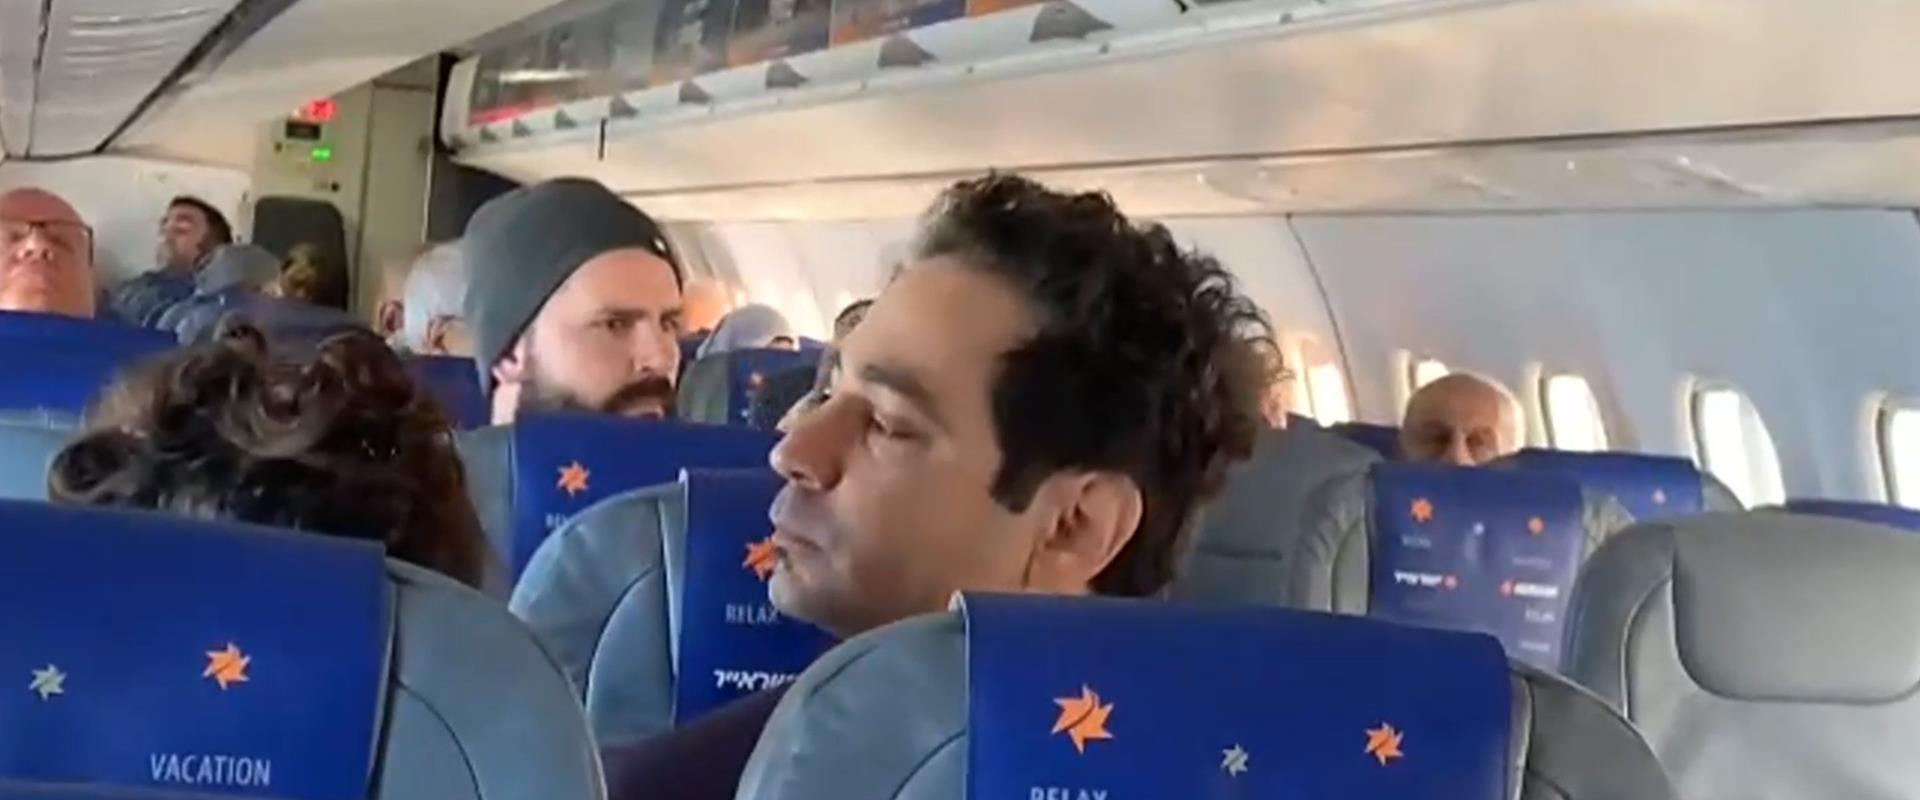 טיסה ליוון